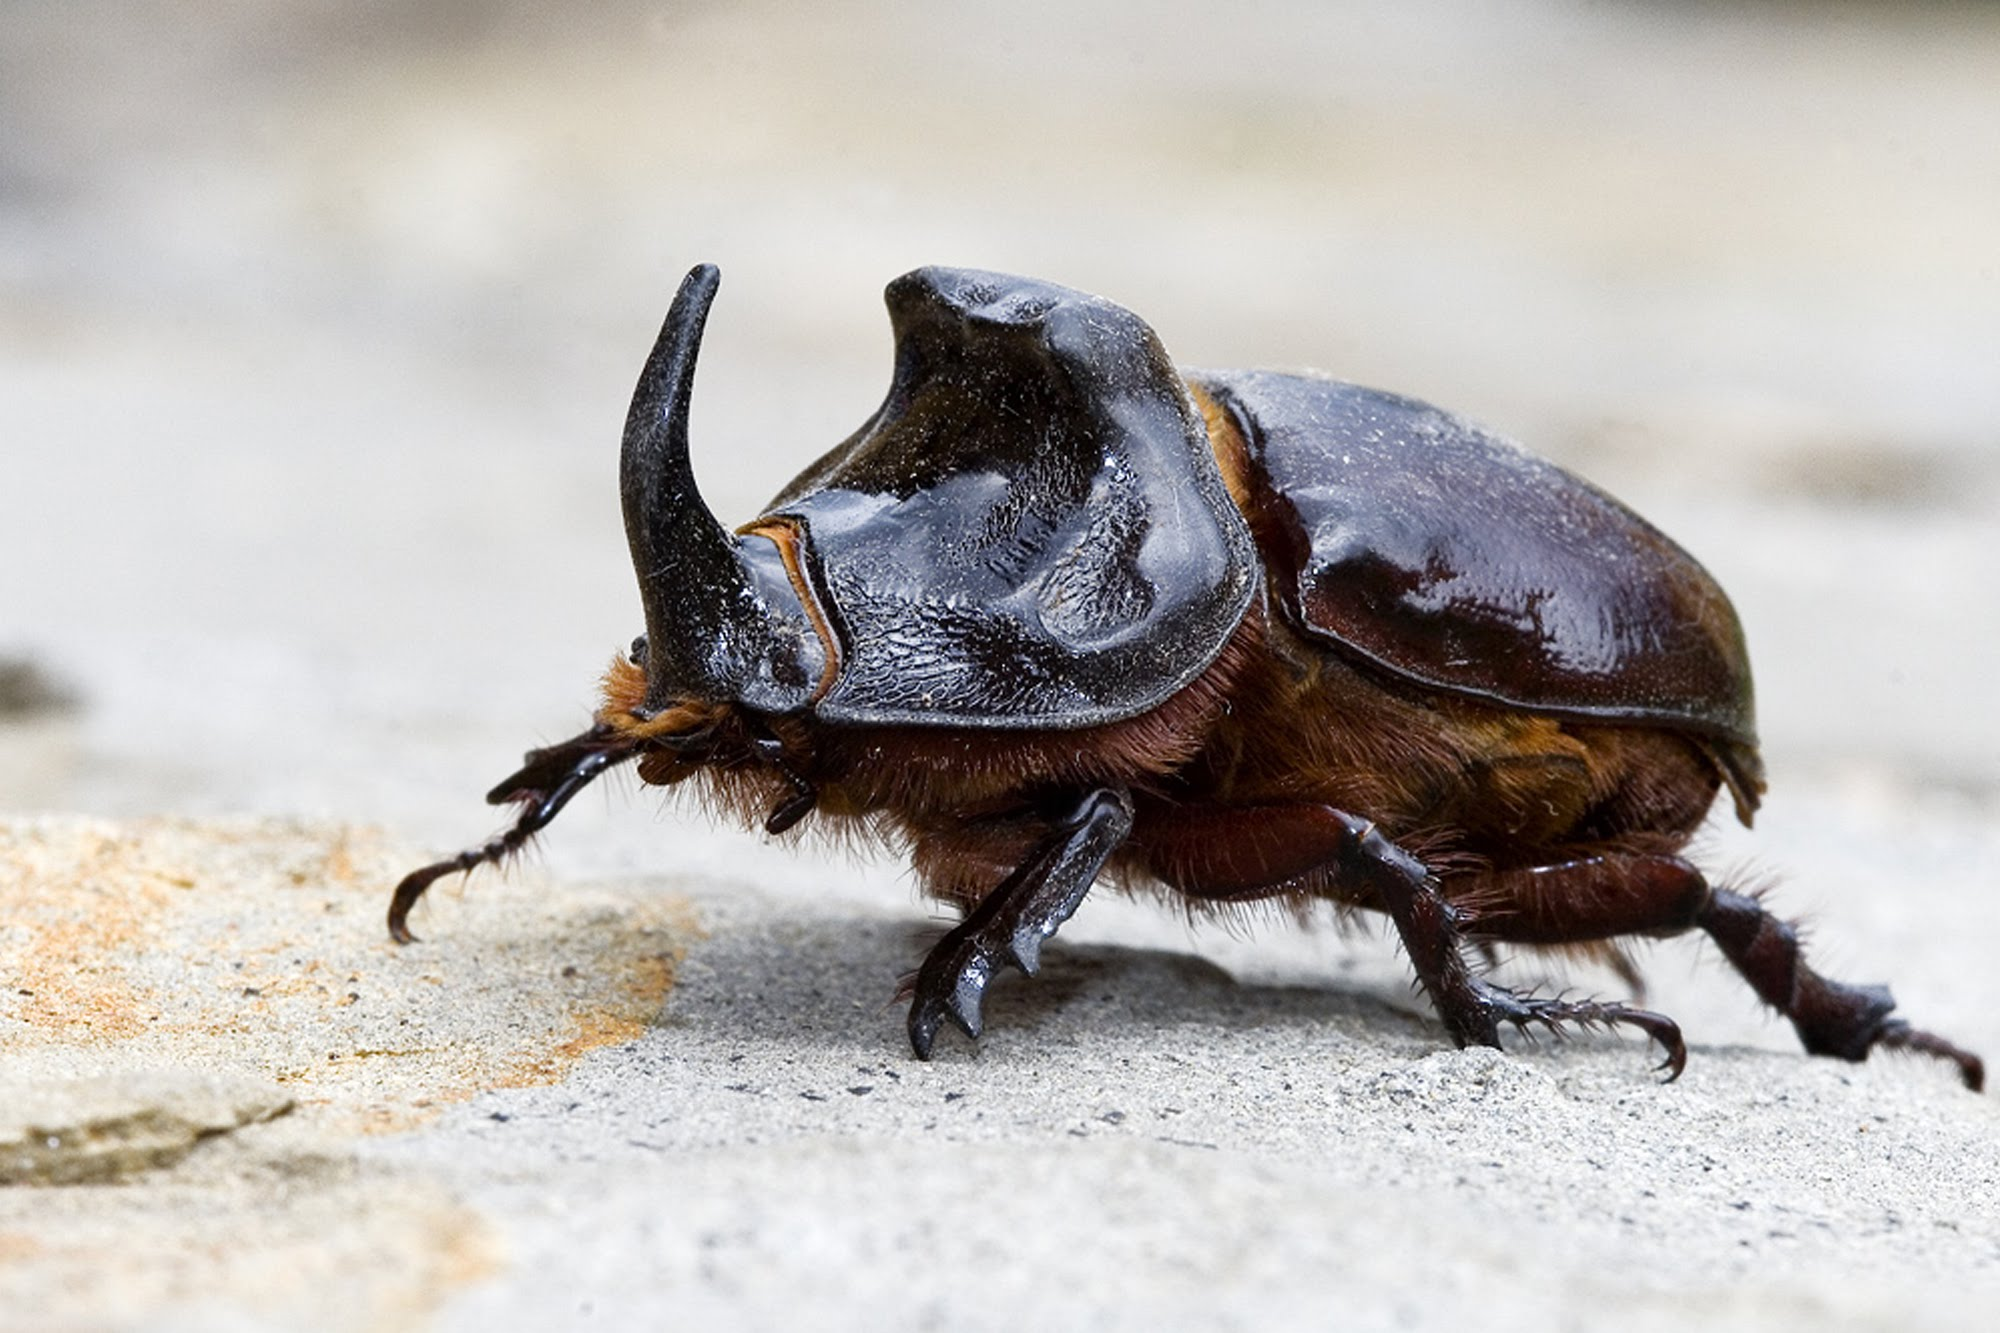 ¿Sabías que el escarabajo rinoceronte es muy fuerte?